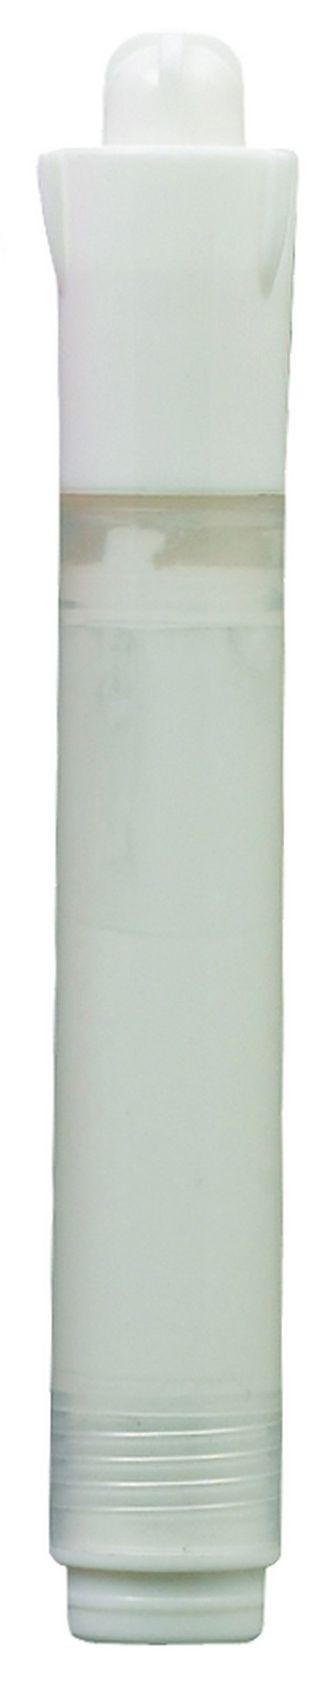 Winco MBM-W Deluxe Neon Marker, White